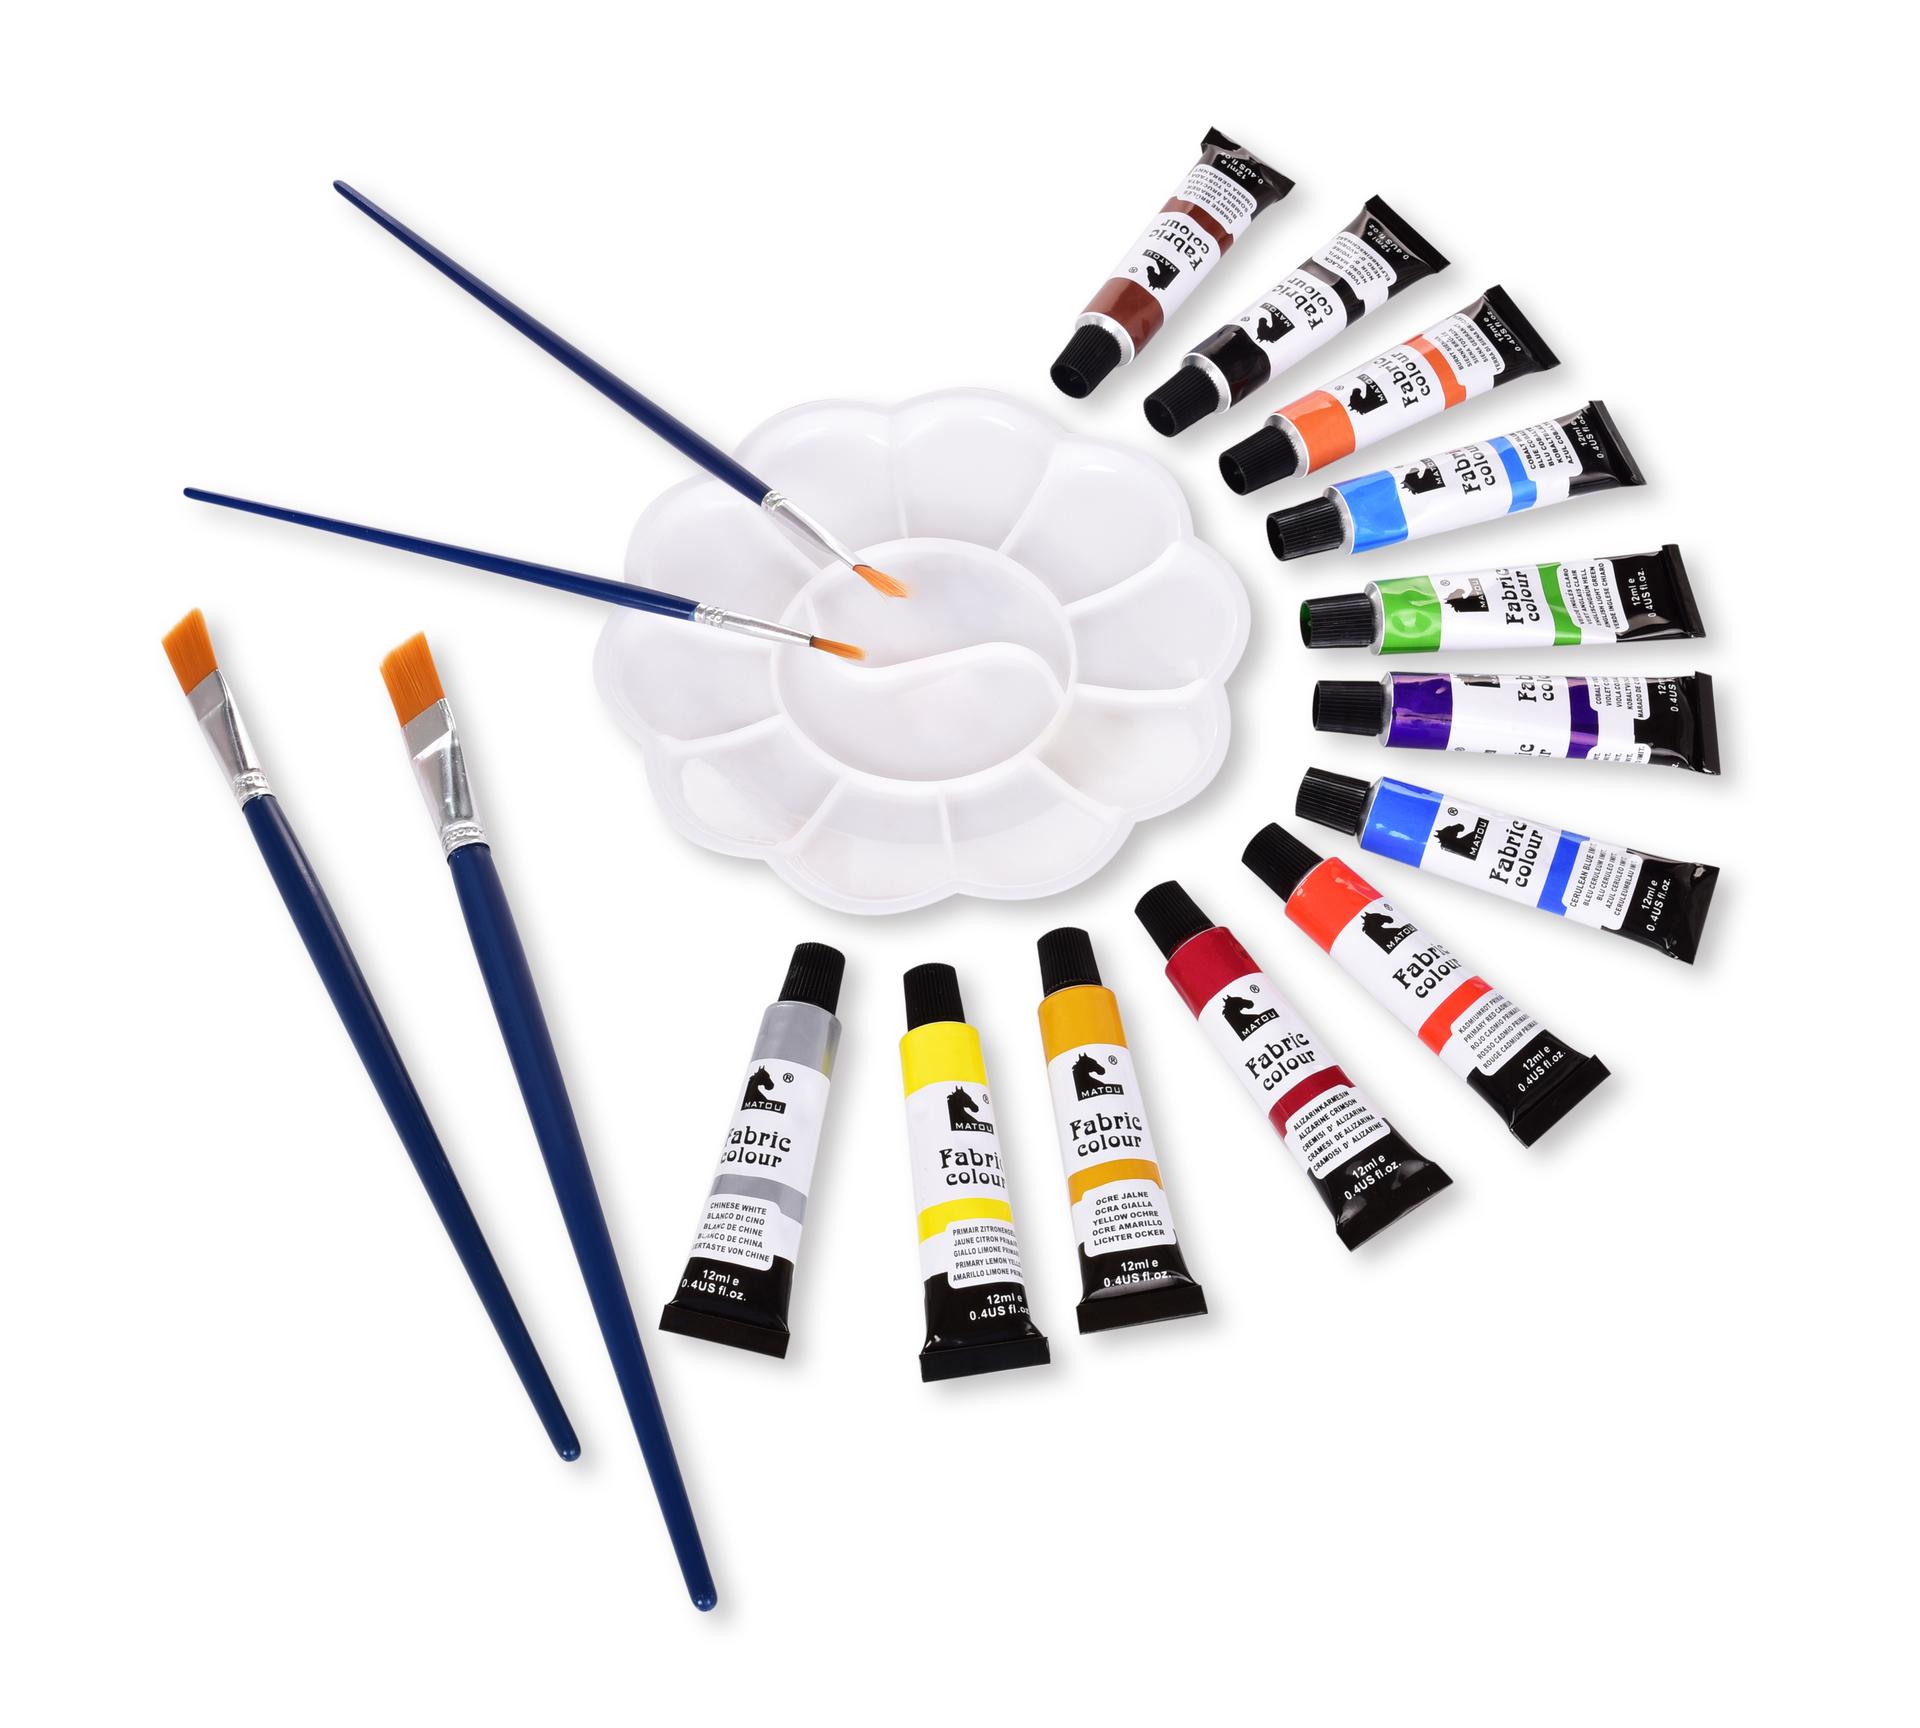 SADA 12 odstínů dekorativních barev NA TEXTIL, 4 štětce a 1 paleta